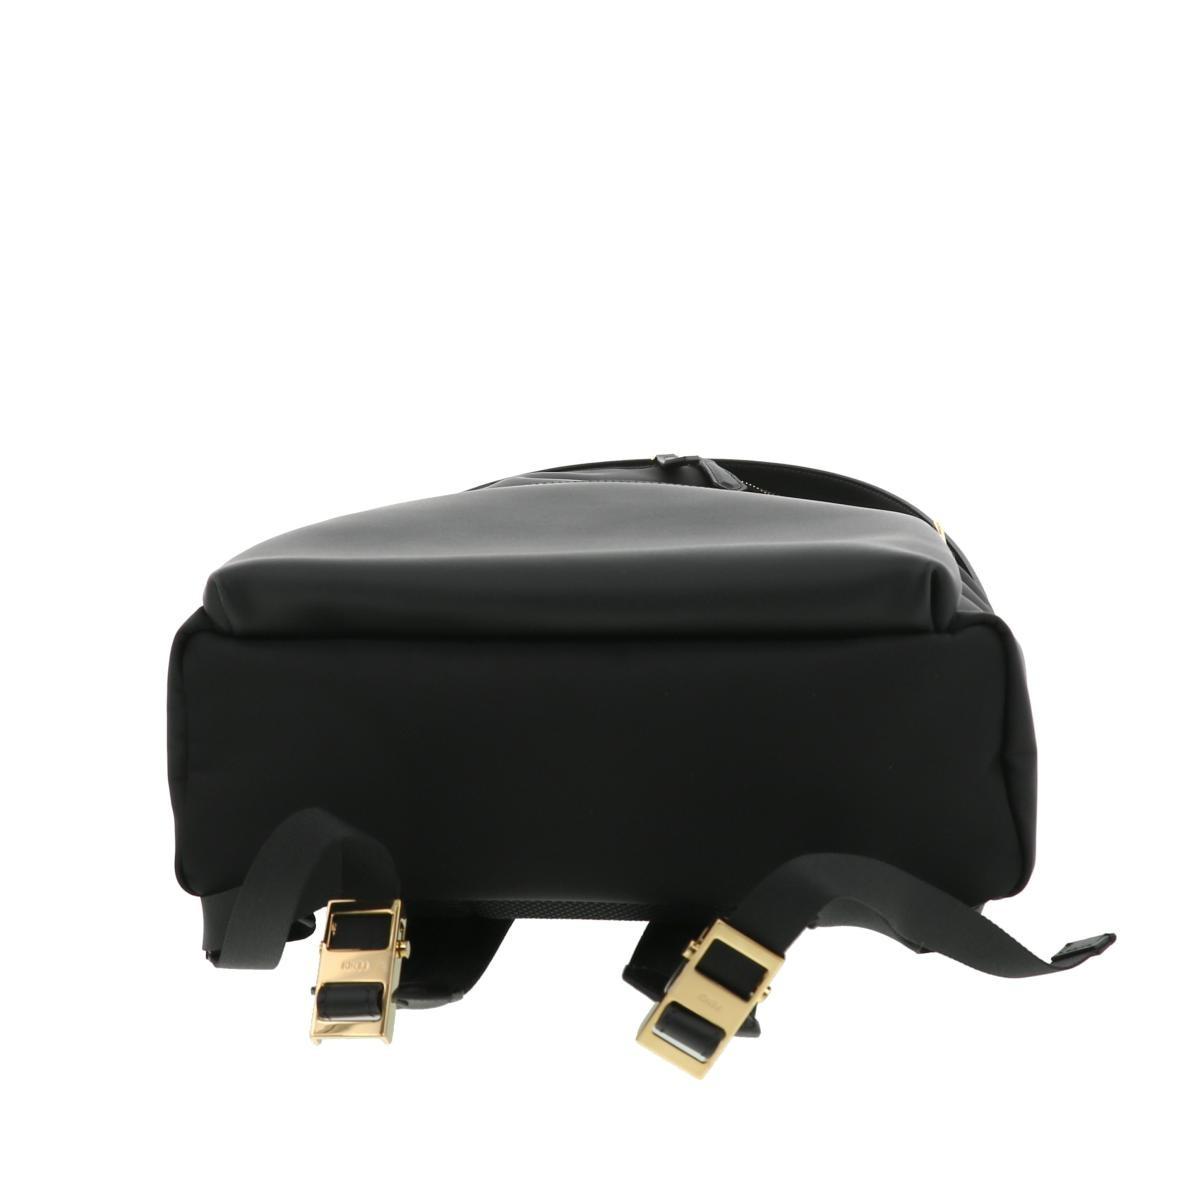 【美品】フェンディ モンスター バックパック ブラック FENDI Monster Backpack Black 7VZ042